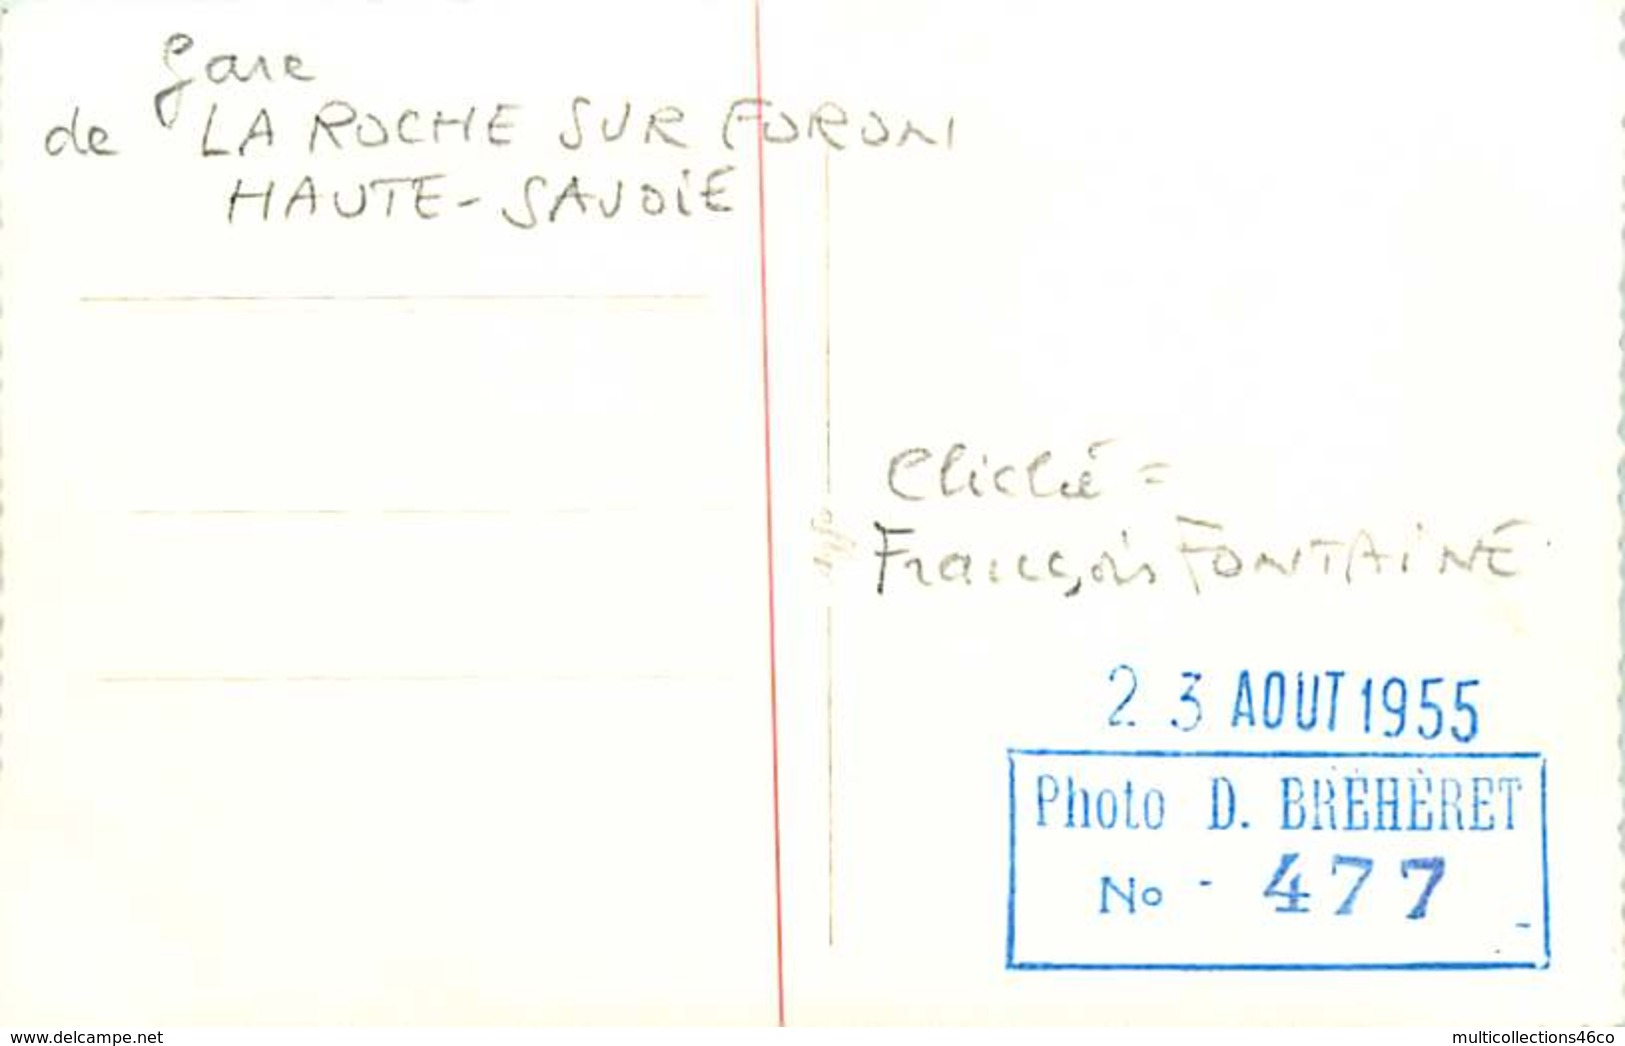 040220A TRANSPORT TRAIN CHEMIN DE FER - PHOTO BREHERET 1955 - 74 LA ROCHE SUR FORON Gare - La Roche-sur-Foron